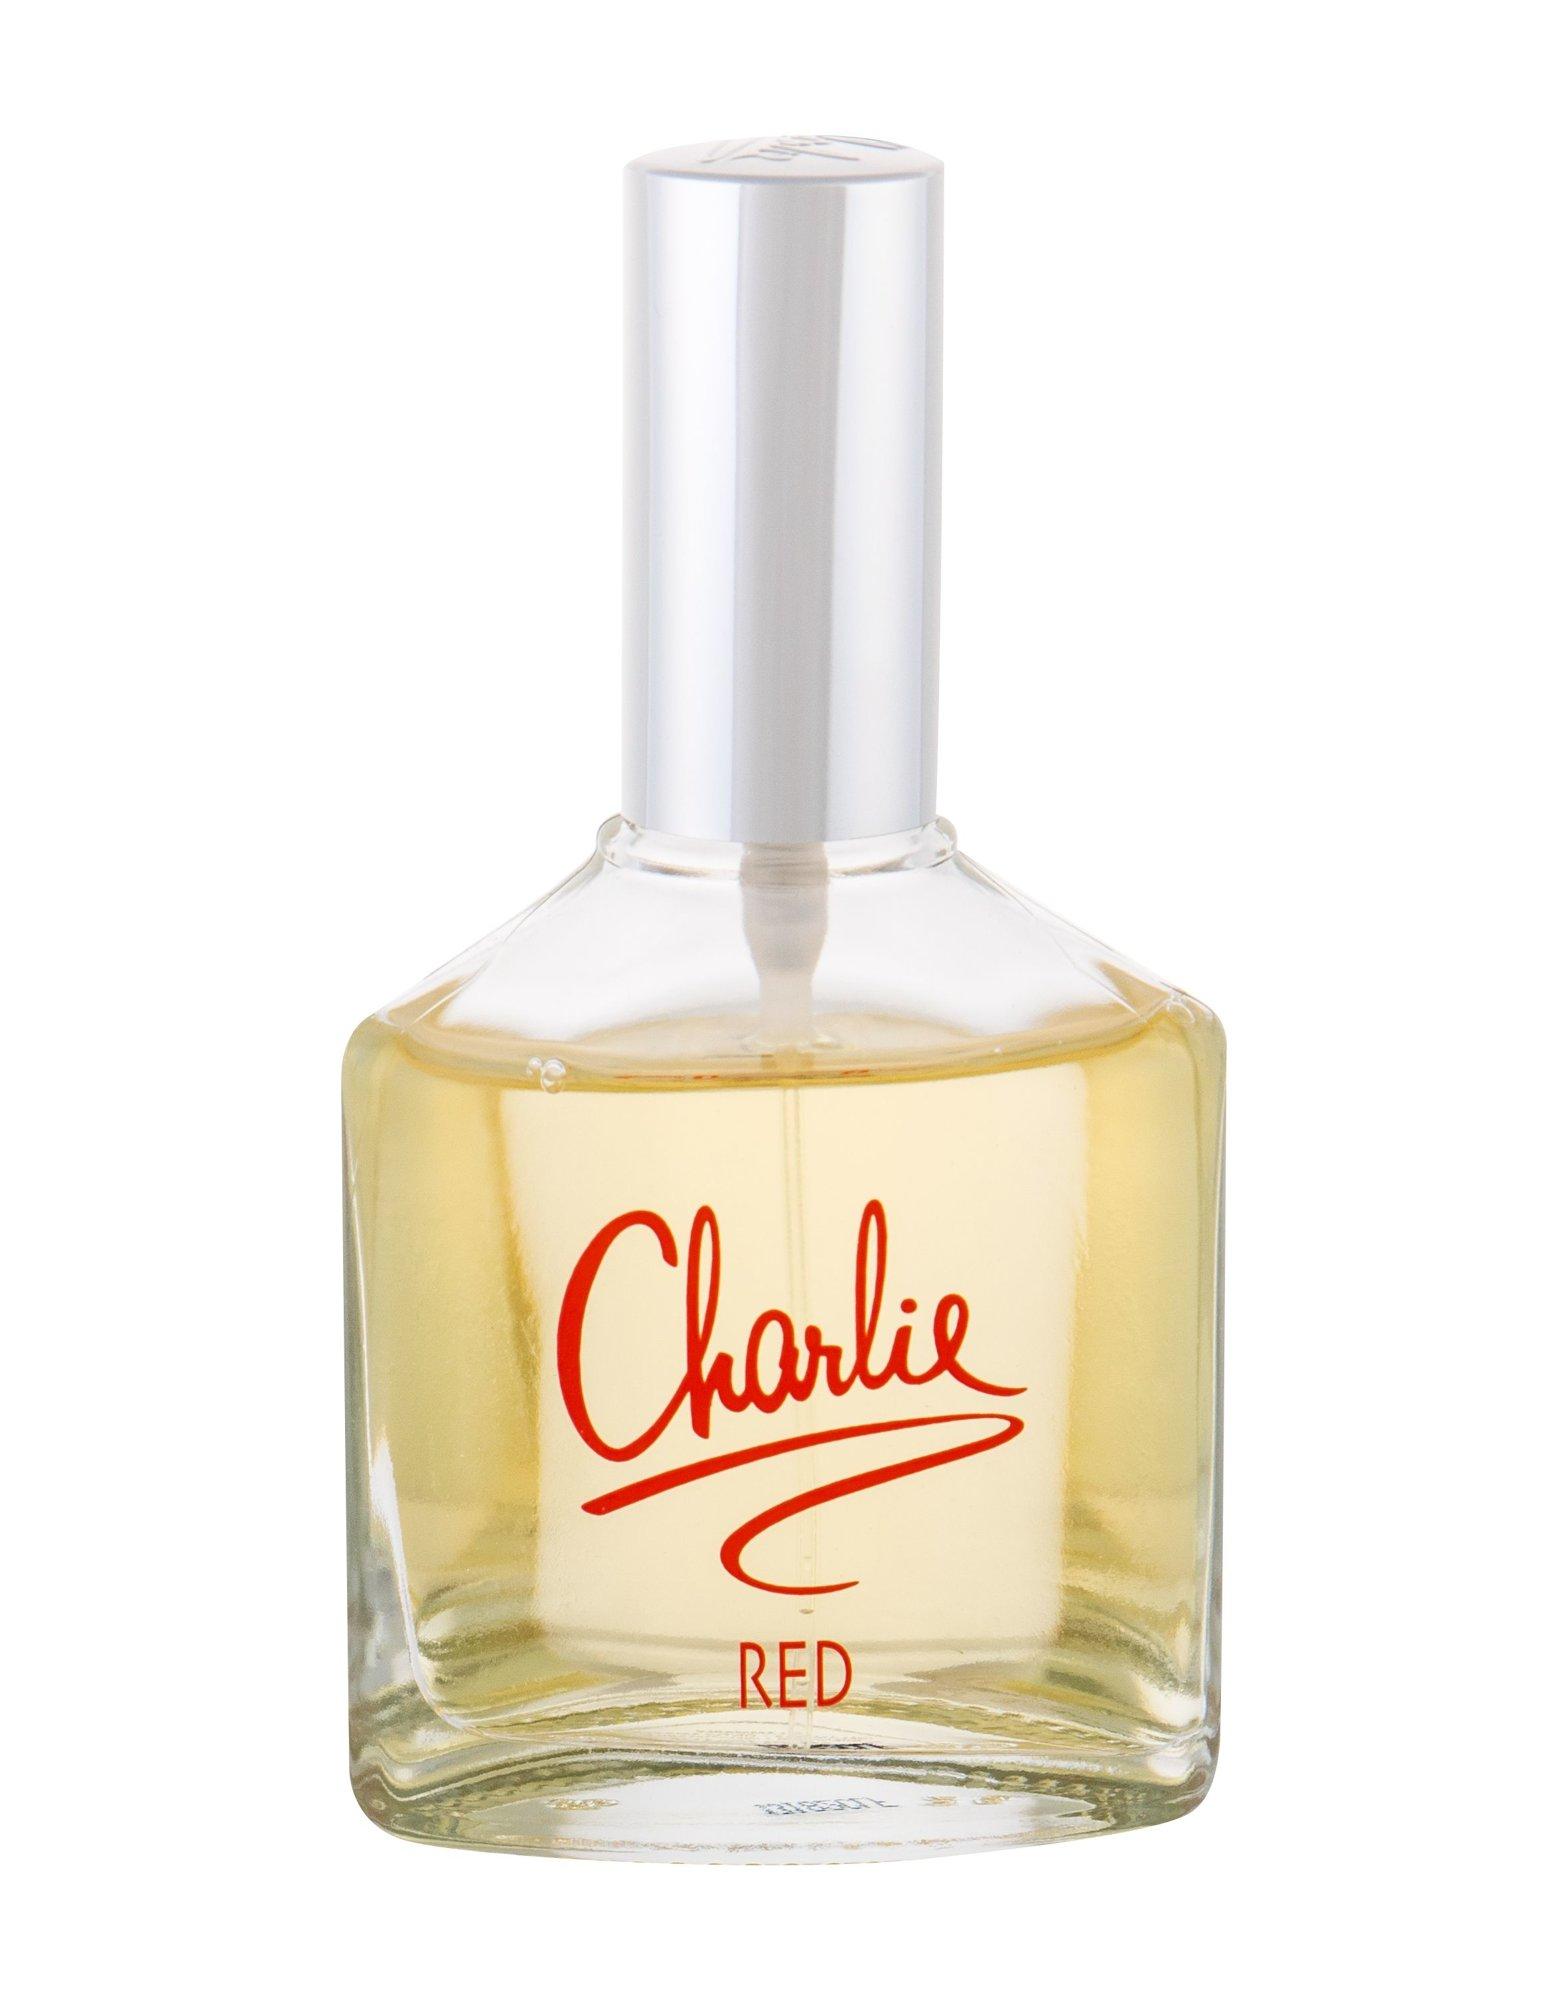 Revlon Charlie Eau de Toilette 50ml